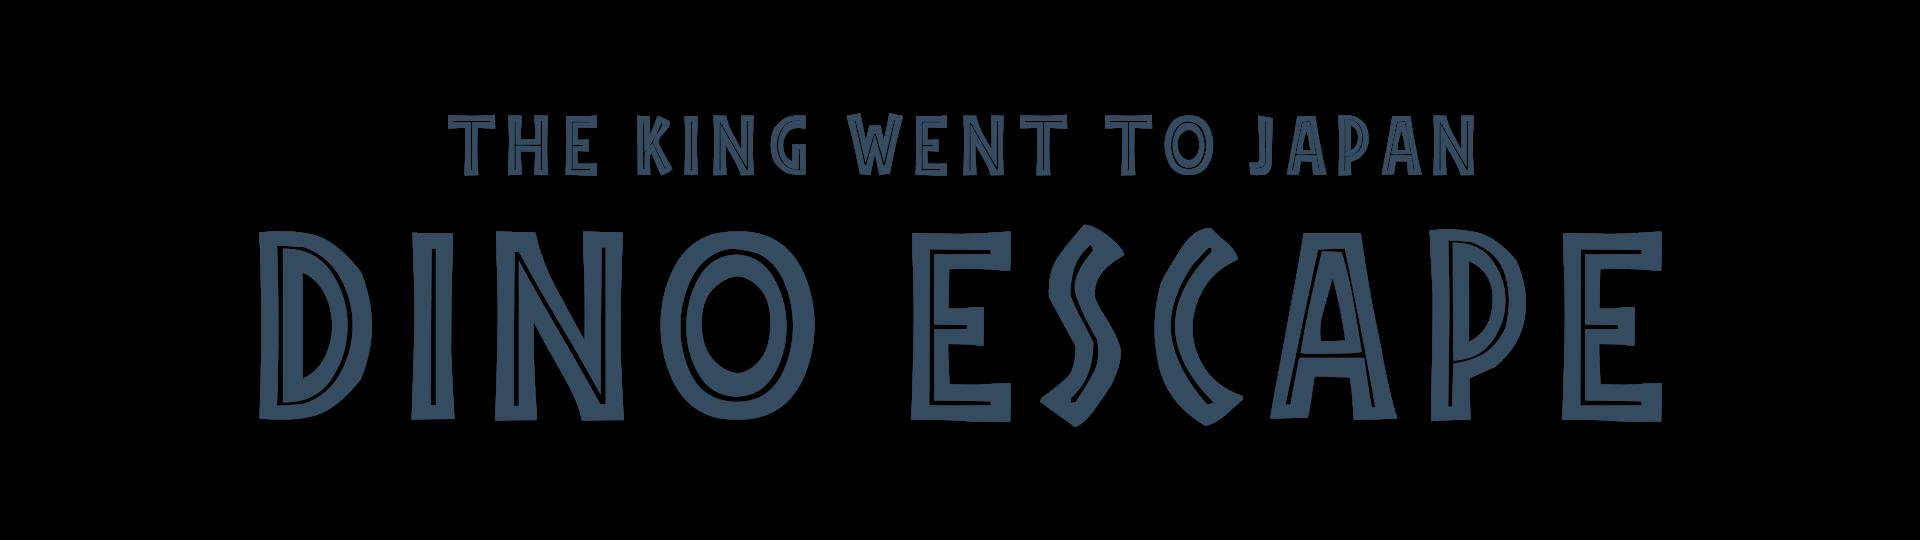 Dino Escape Japan Title